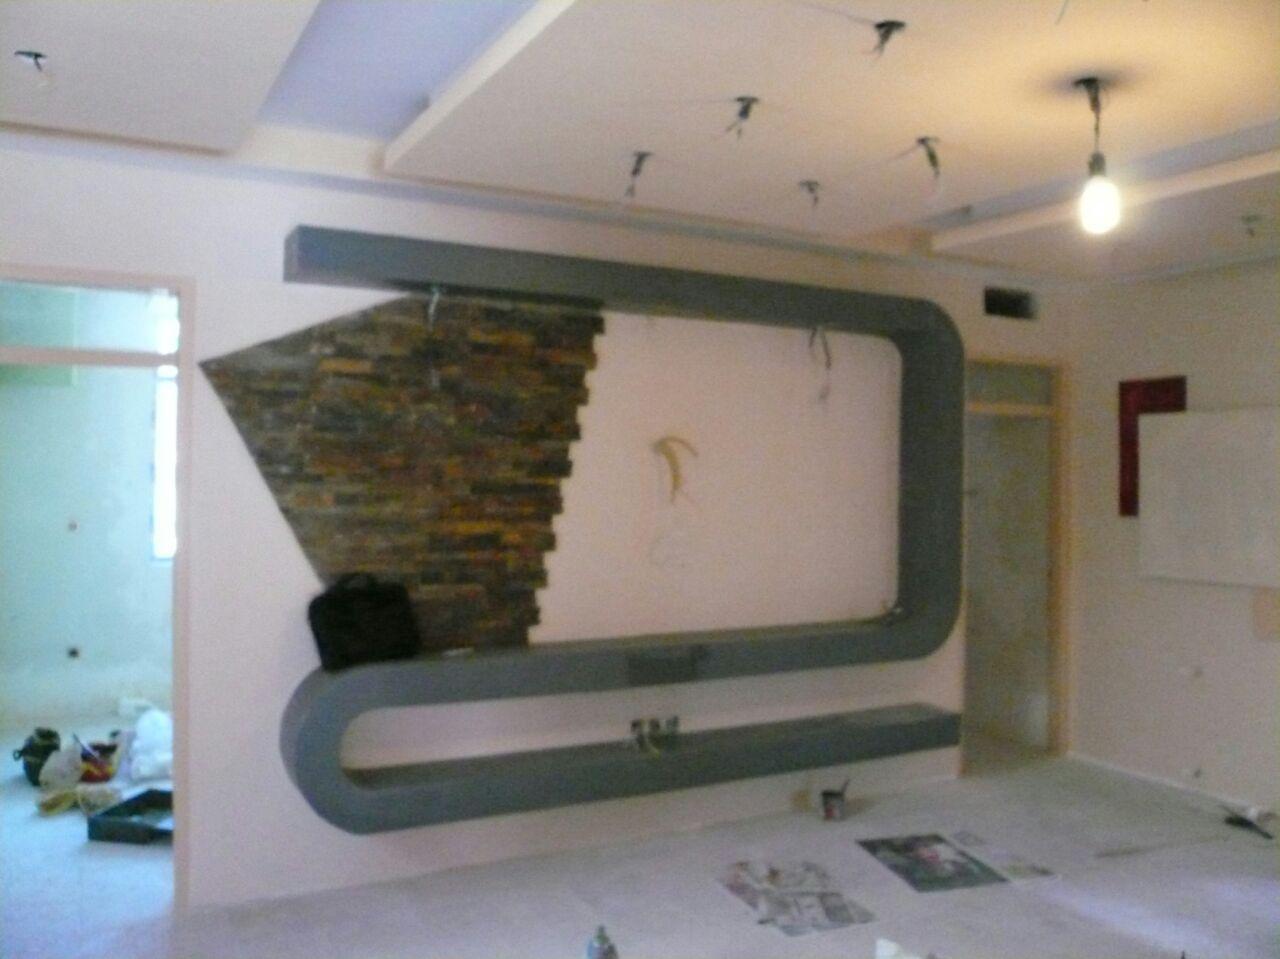 نمونه کار دیوار پشت ال سی دی با کناف و سنگ آنتیک